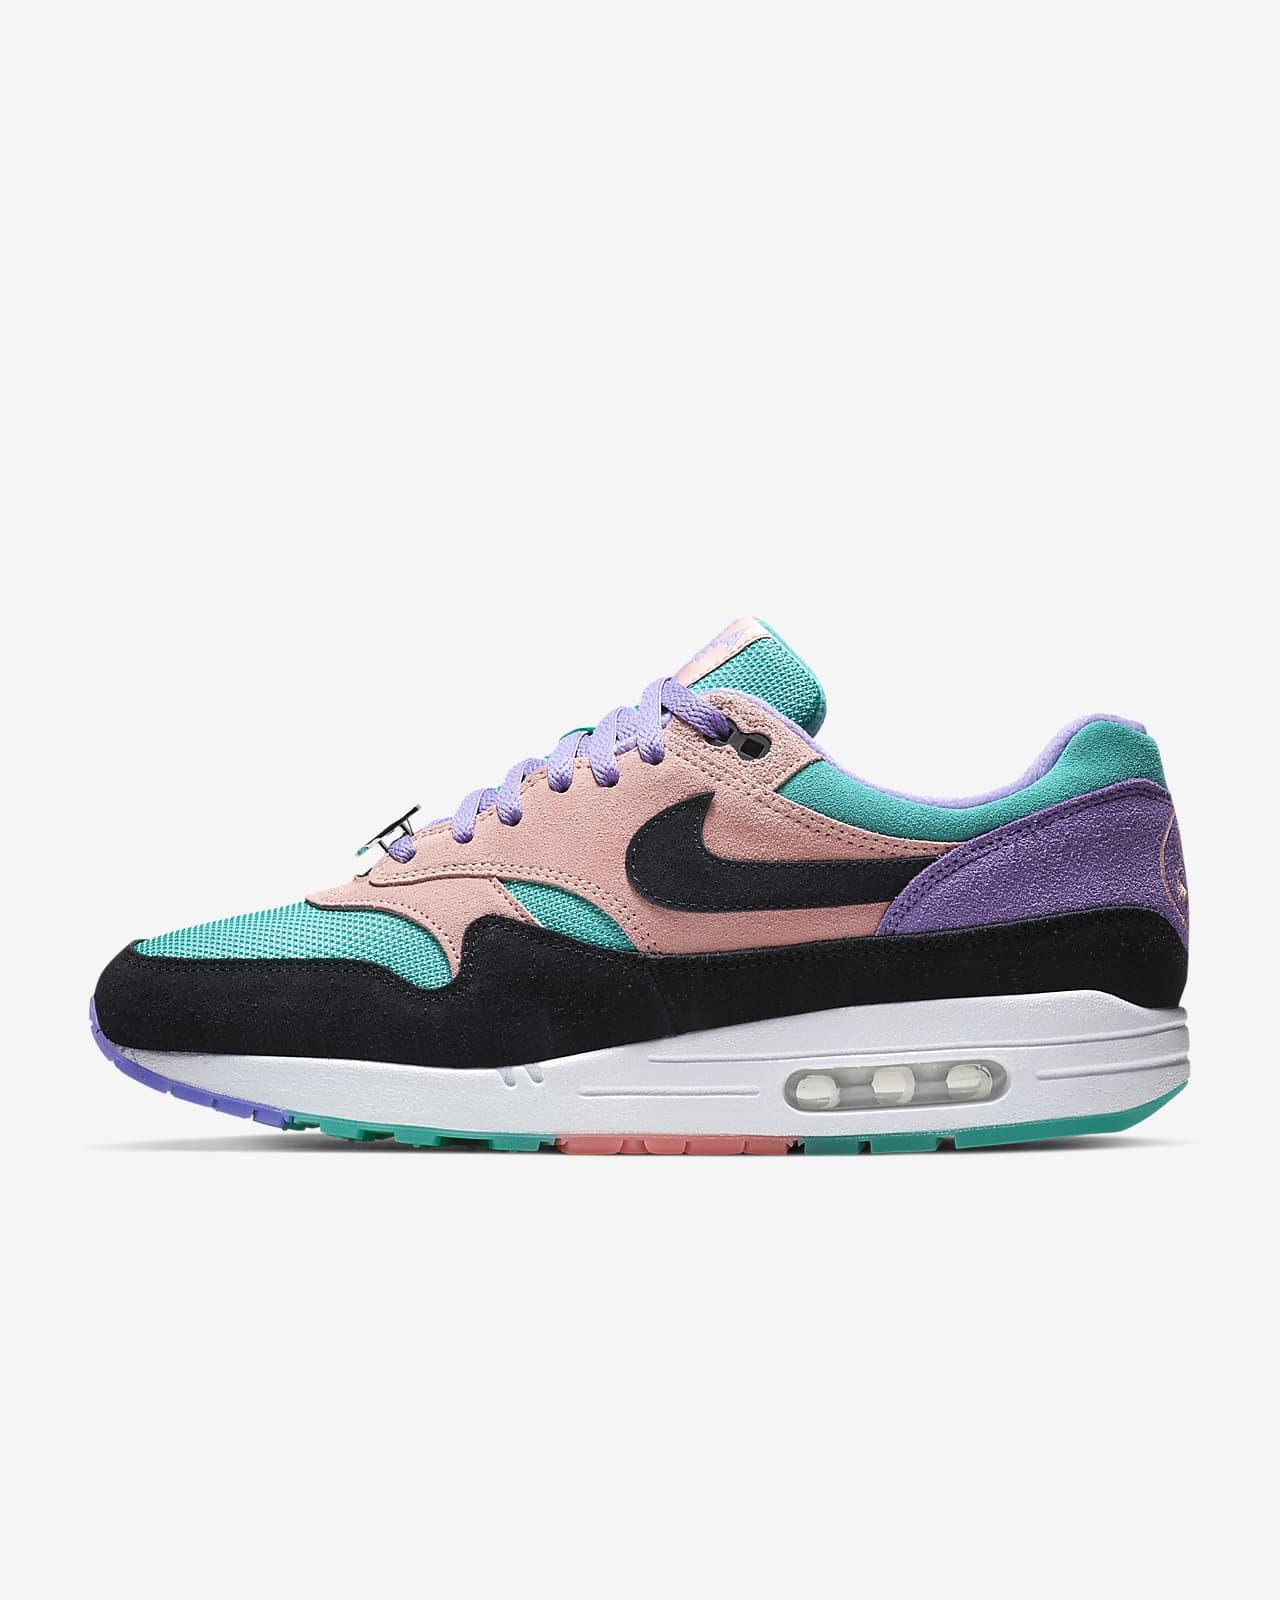 Nike Air Max 1 ND 男子运动鞋